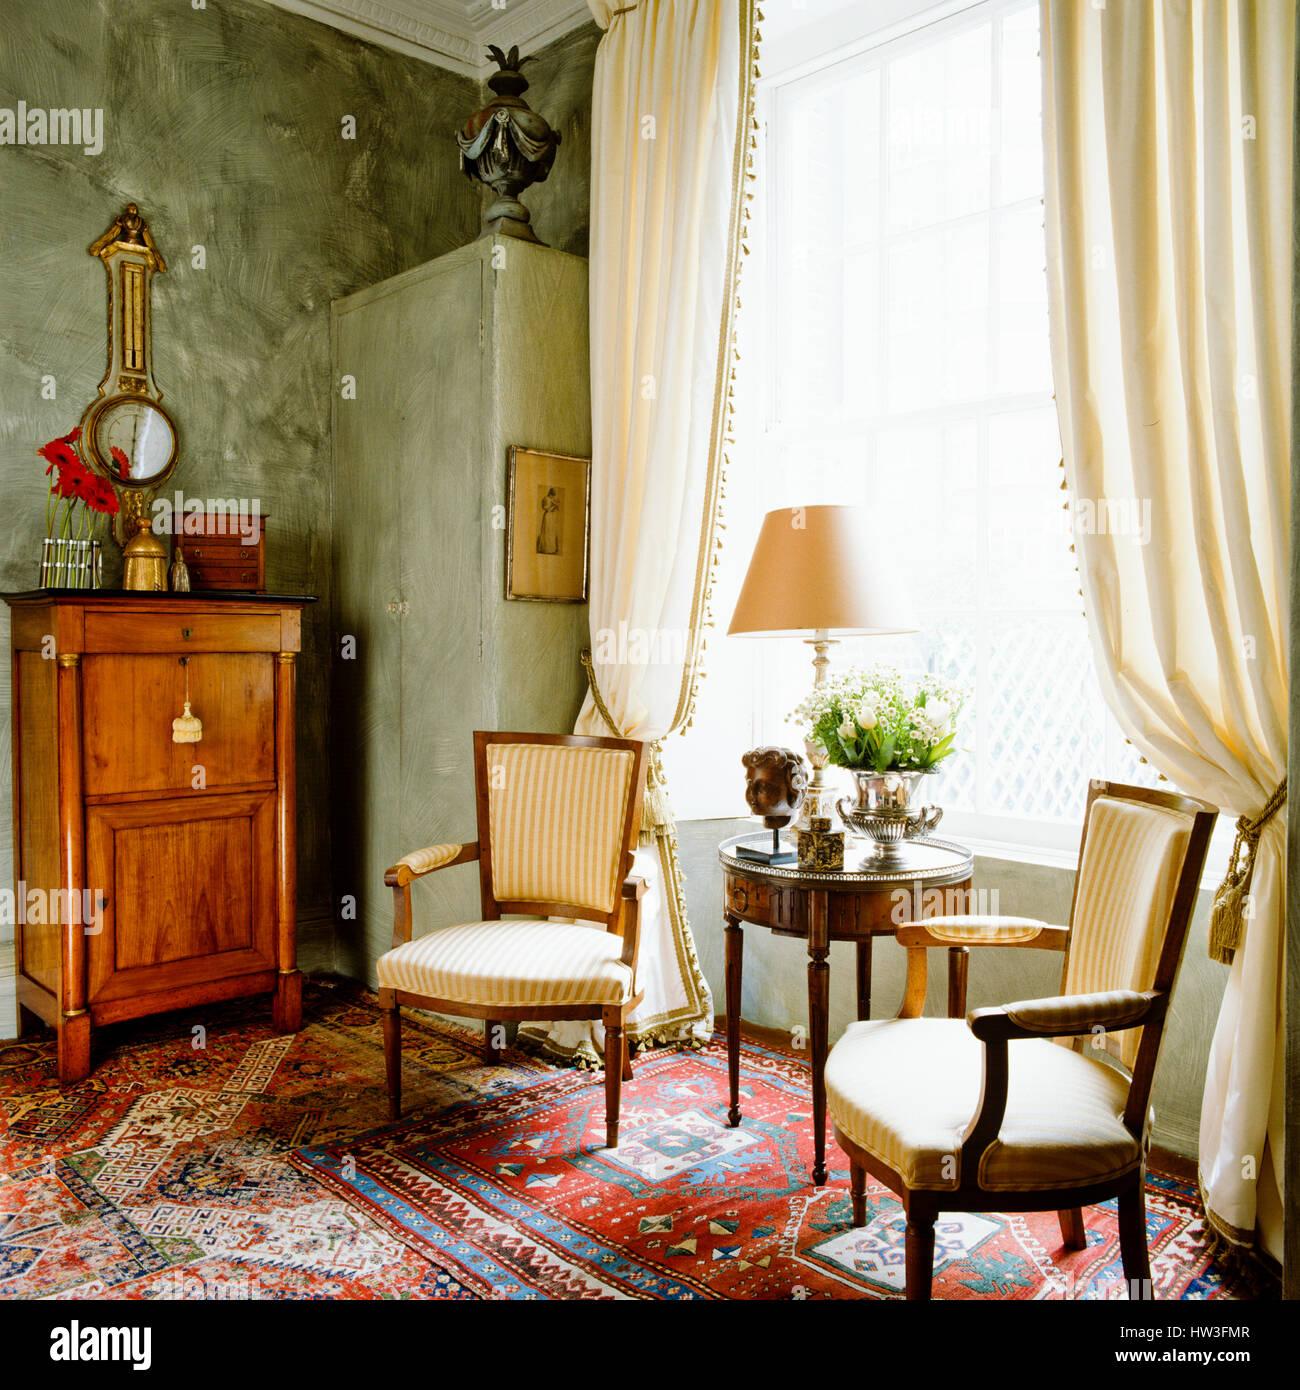 https://c8.alamy.com/comp/HW3FMR/regency-style-living-room-HW3FMR.jpg